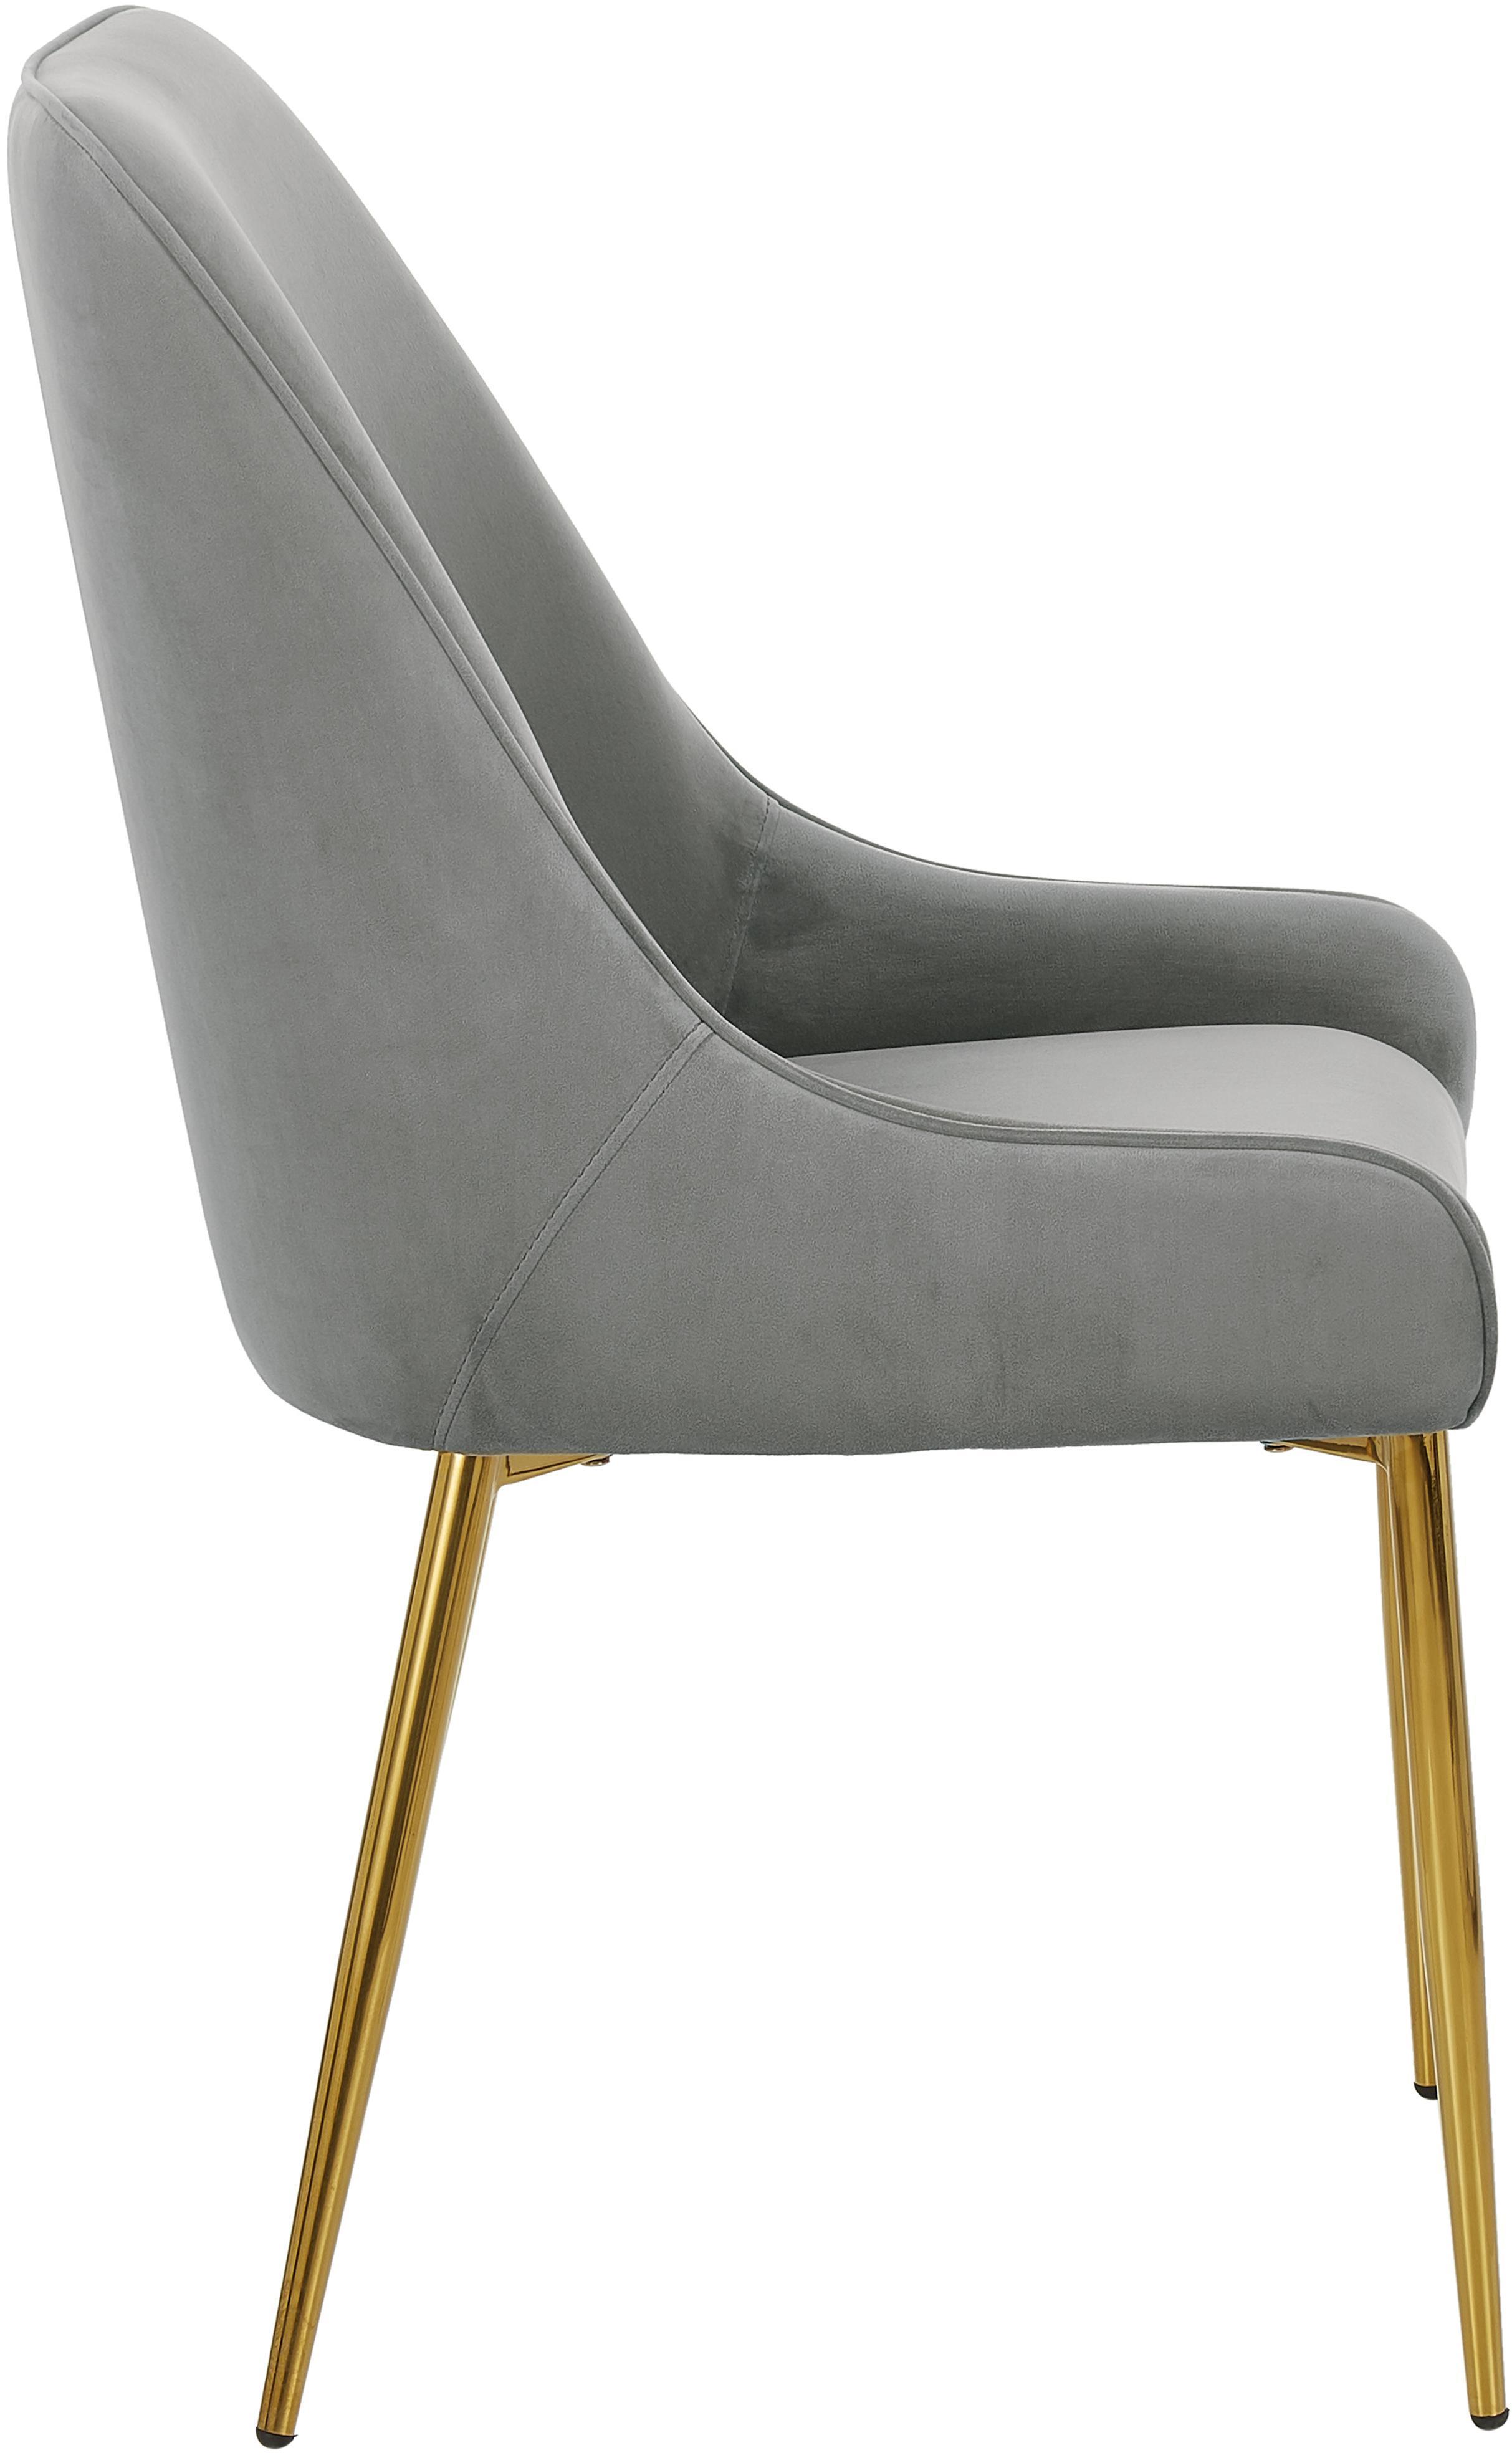 Weißer Stuhl Mit Goldenen Beinen